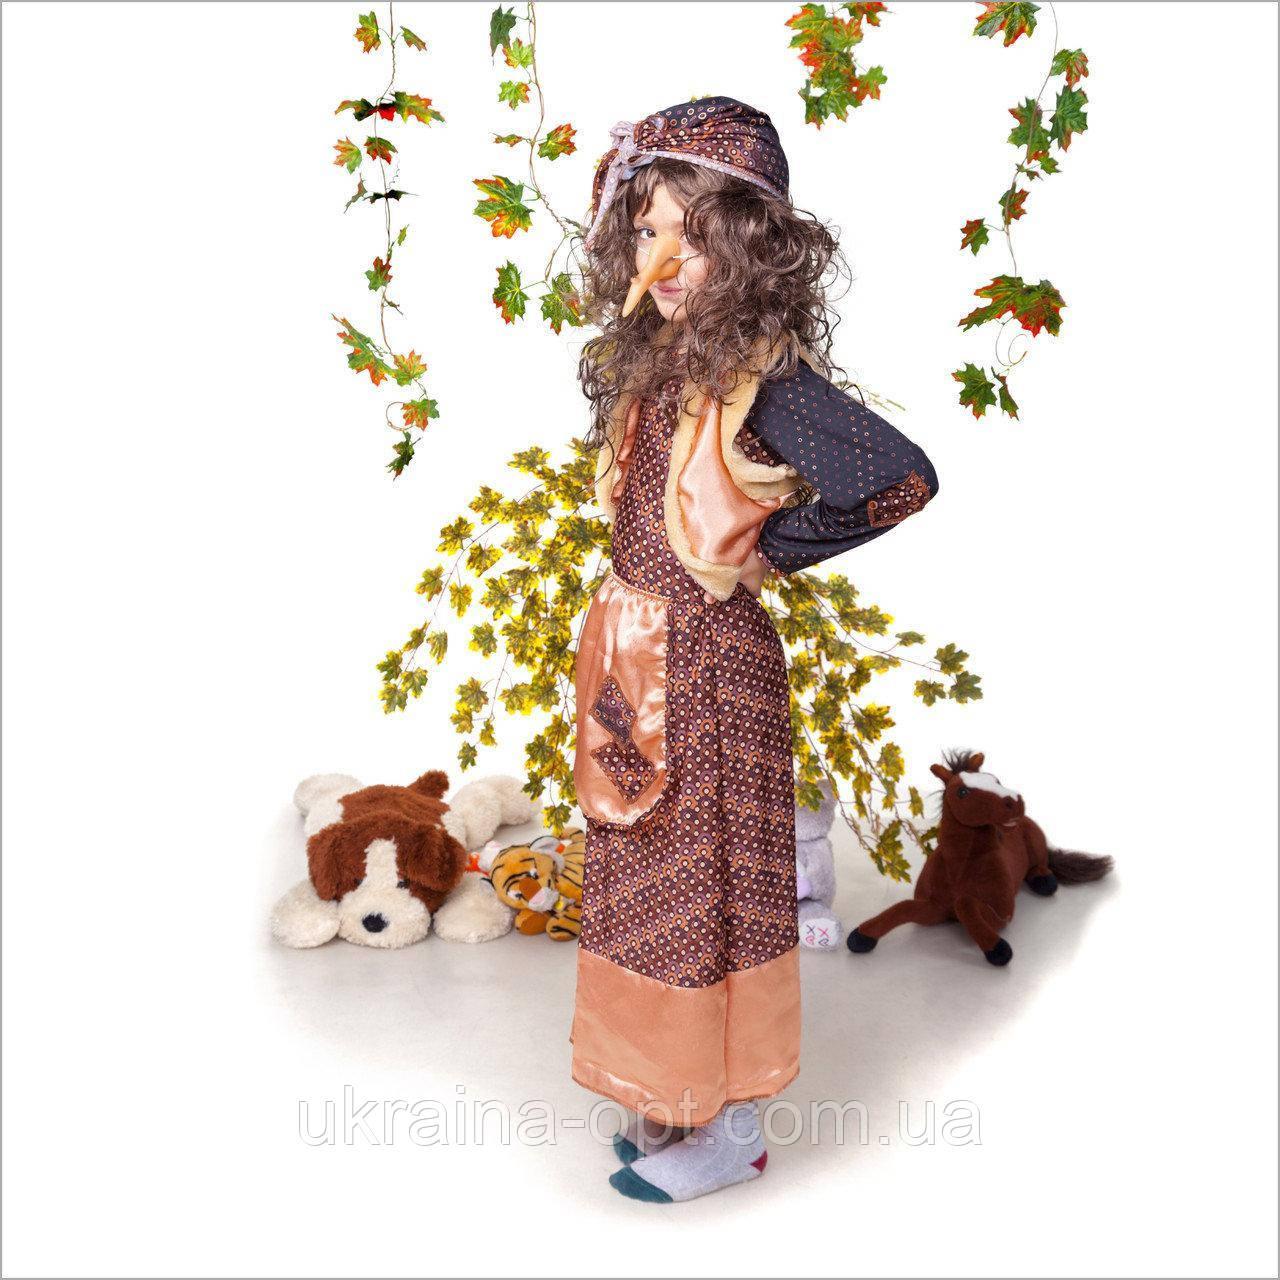 Детский карнавальный костюм на девочку Баба яга